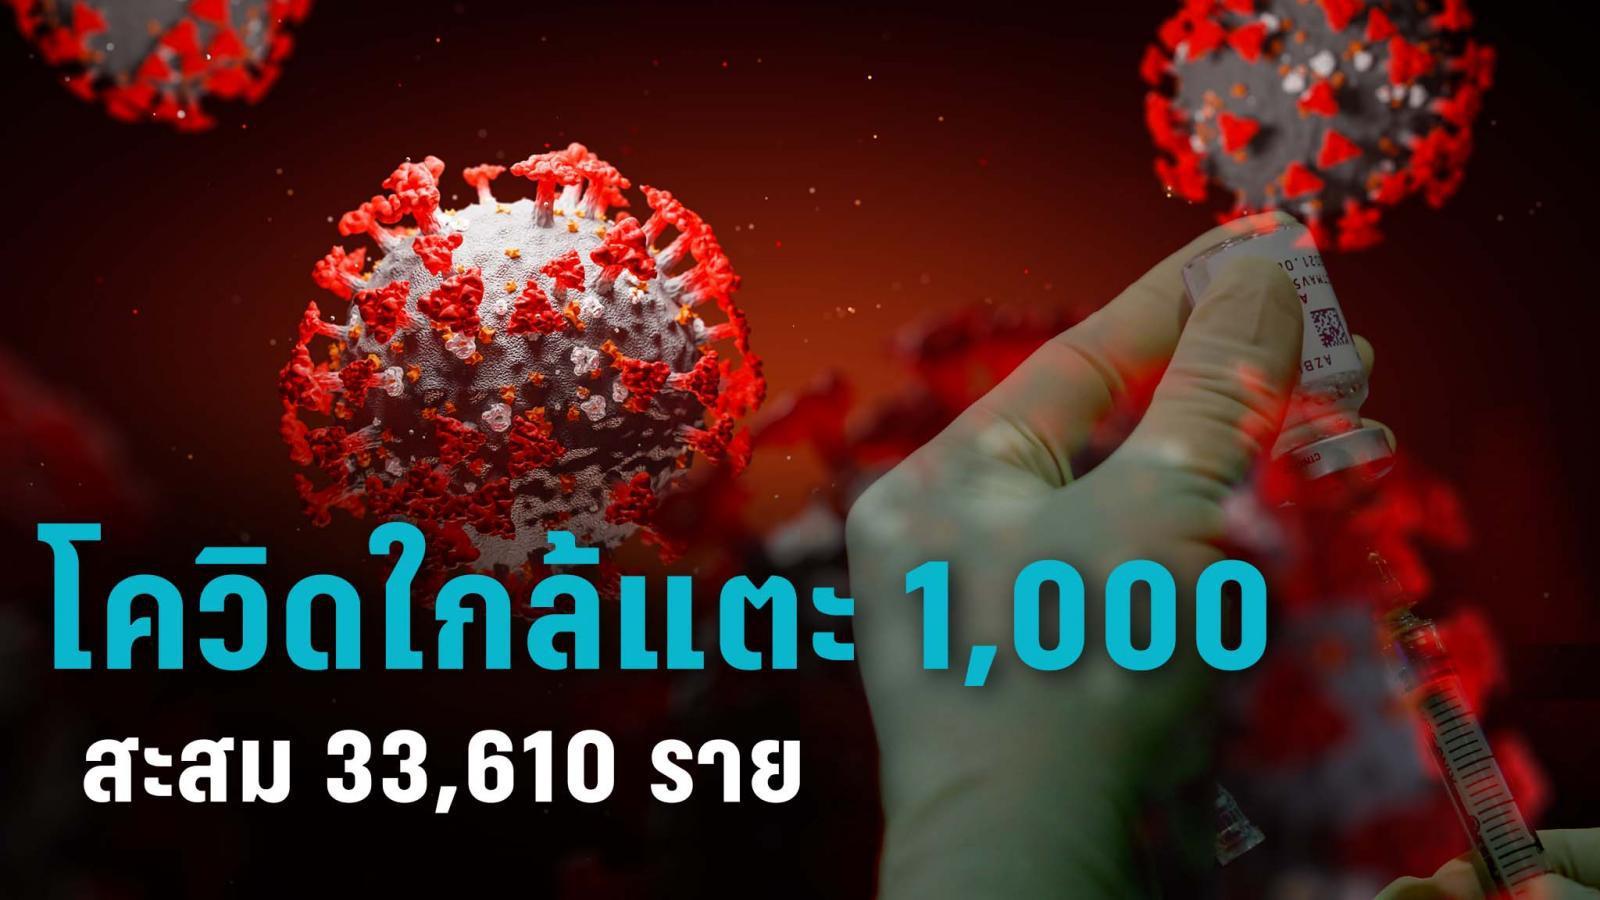 สธ.เผยยอดโควิด-19 วันนี้พุ่งแตะ 985 ราย พบในประเทศ 980 ราย